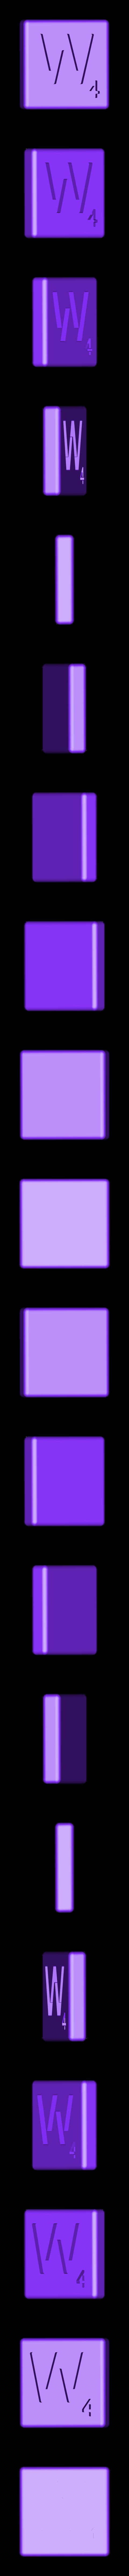 Dual_Shell_W.STL Télécharger fichier STL gratuit Pièces et support SCRABBBLE • Design pour imprimante 3D, Balkhagal4D